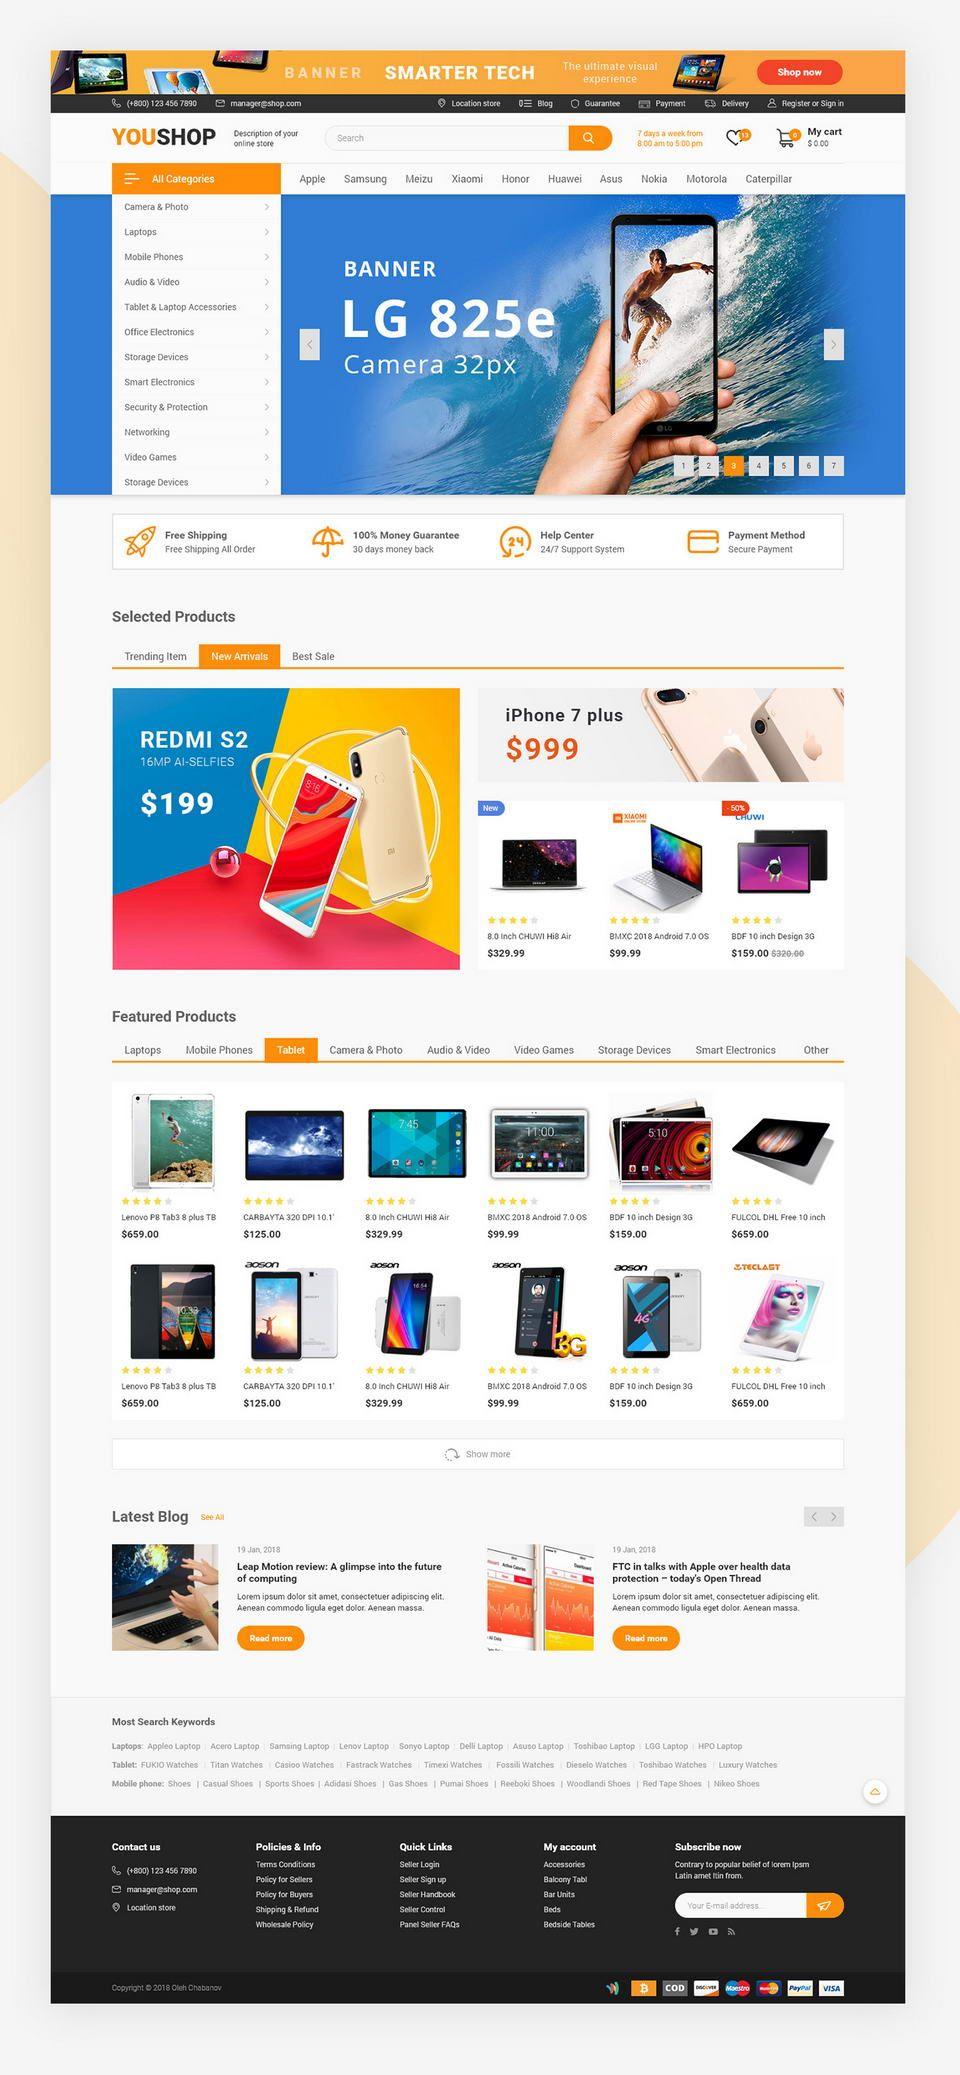 006 Astounding Free E Commerce Website Template Image  Ecommerce Html Cs Bootstrap PhpFull